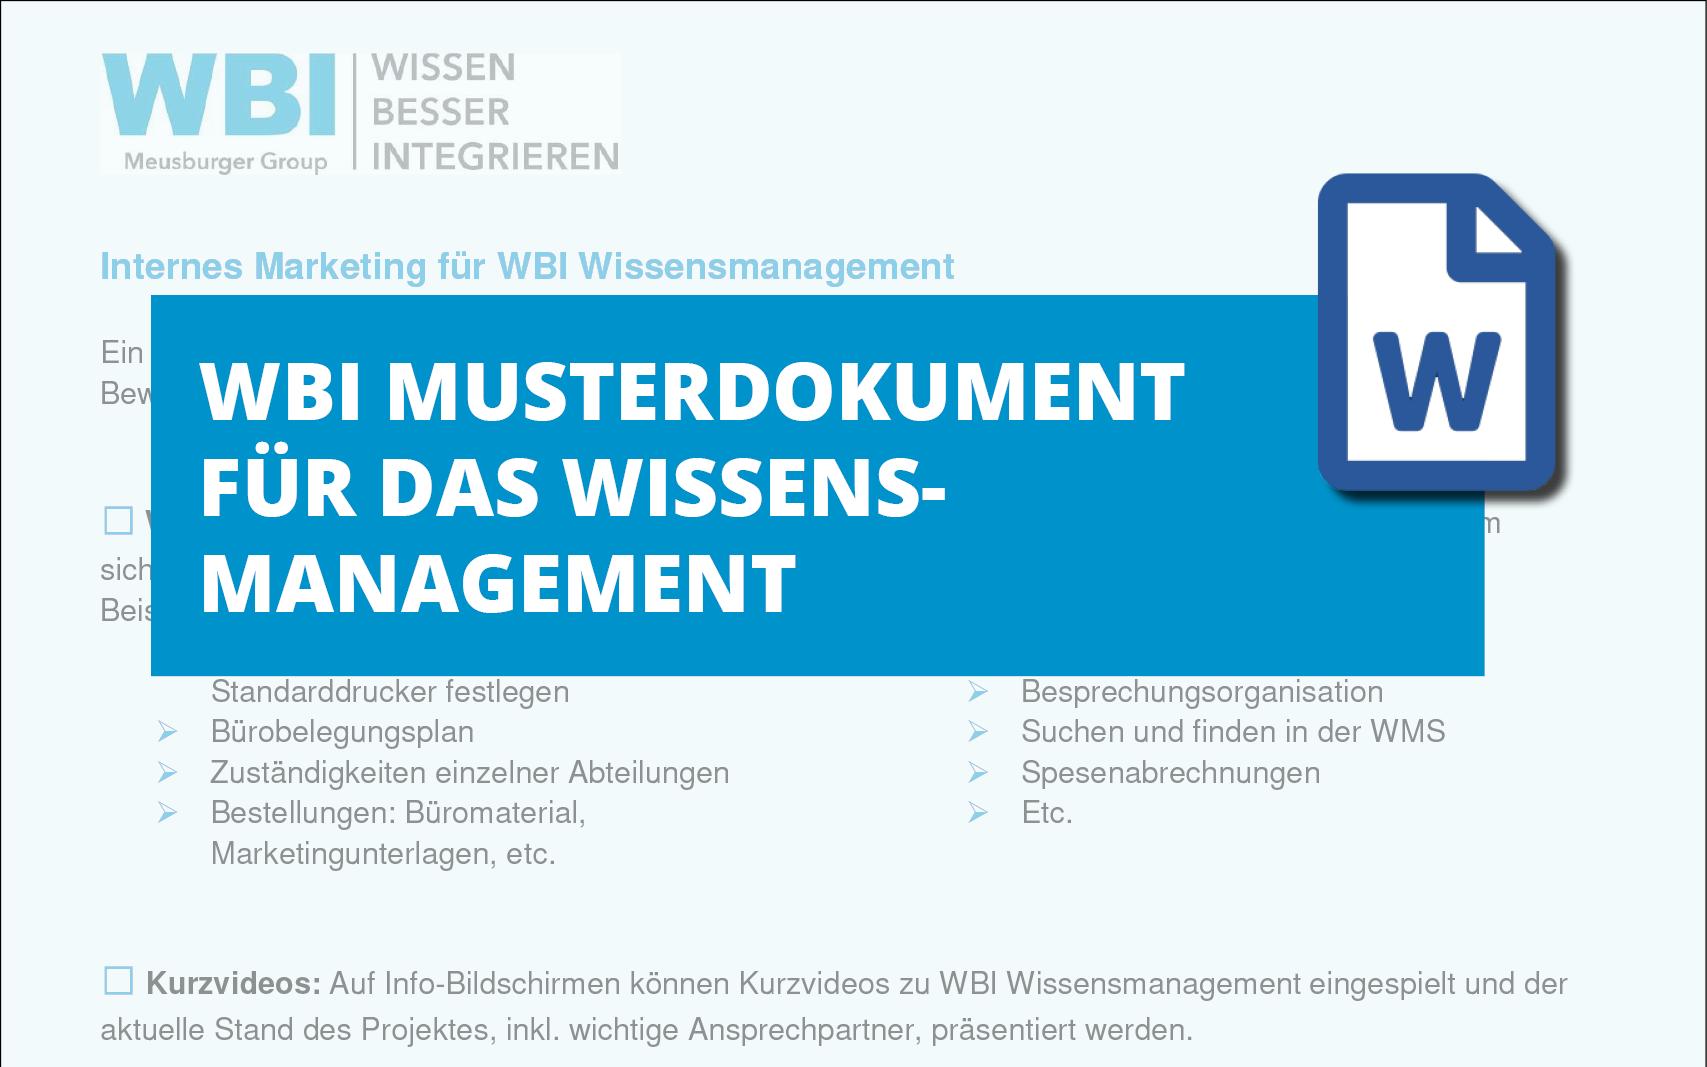 wbi-handout-internes-marketing-fuer-wbi-wissensmanagement